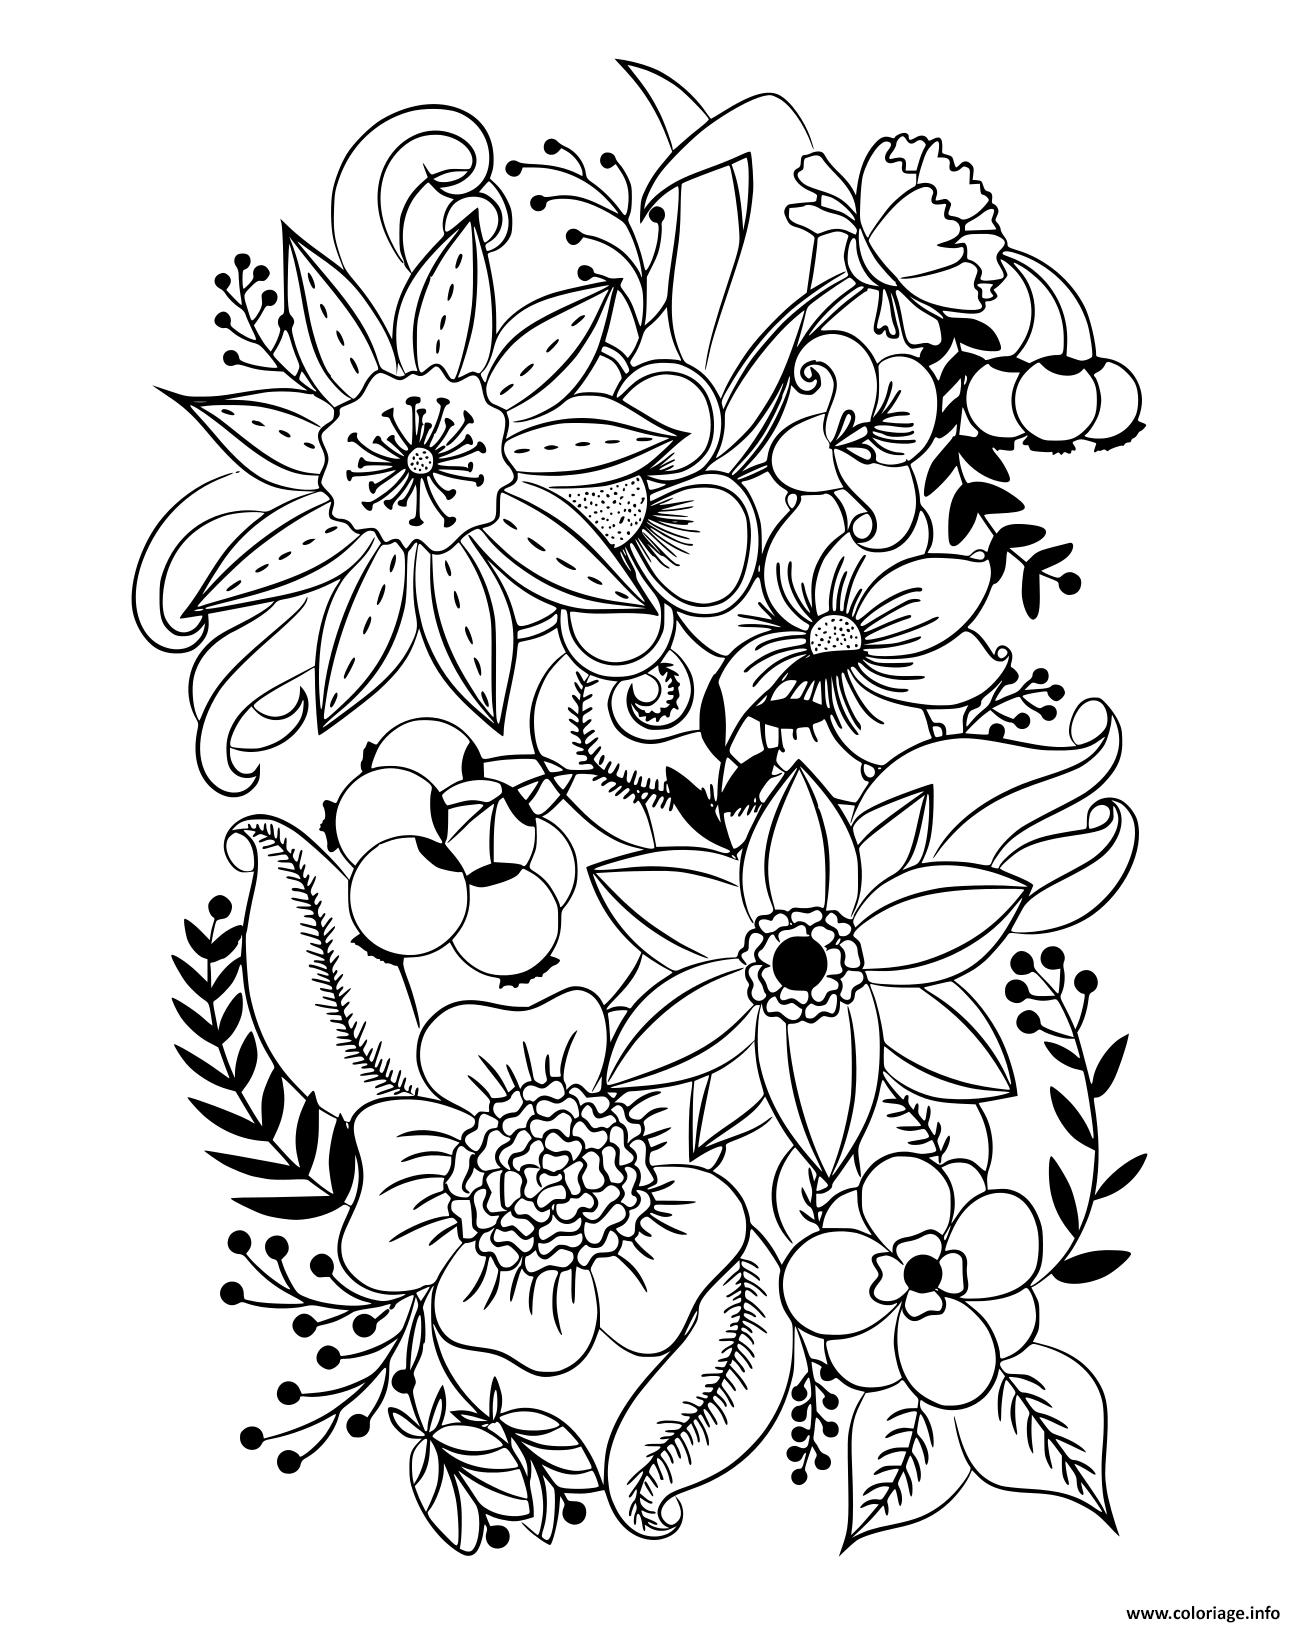 Dessin diverses fleurs et feuilles insipration Coloriage Gratuit à Imprimer